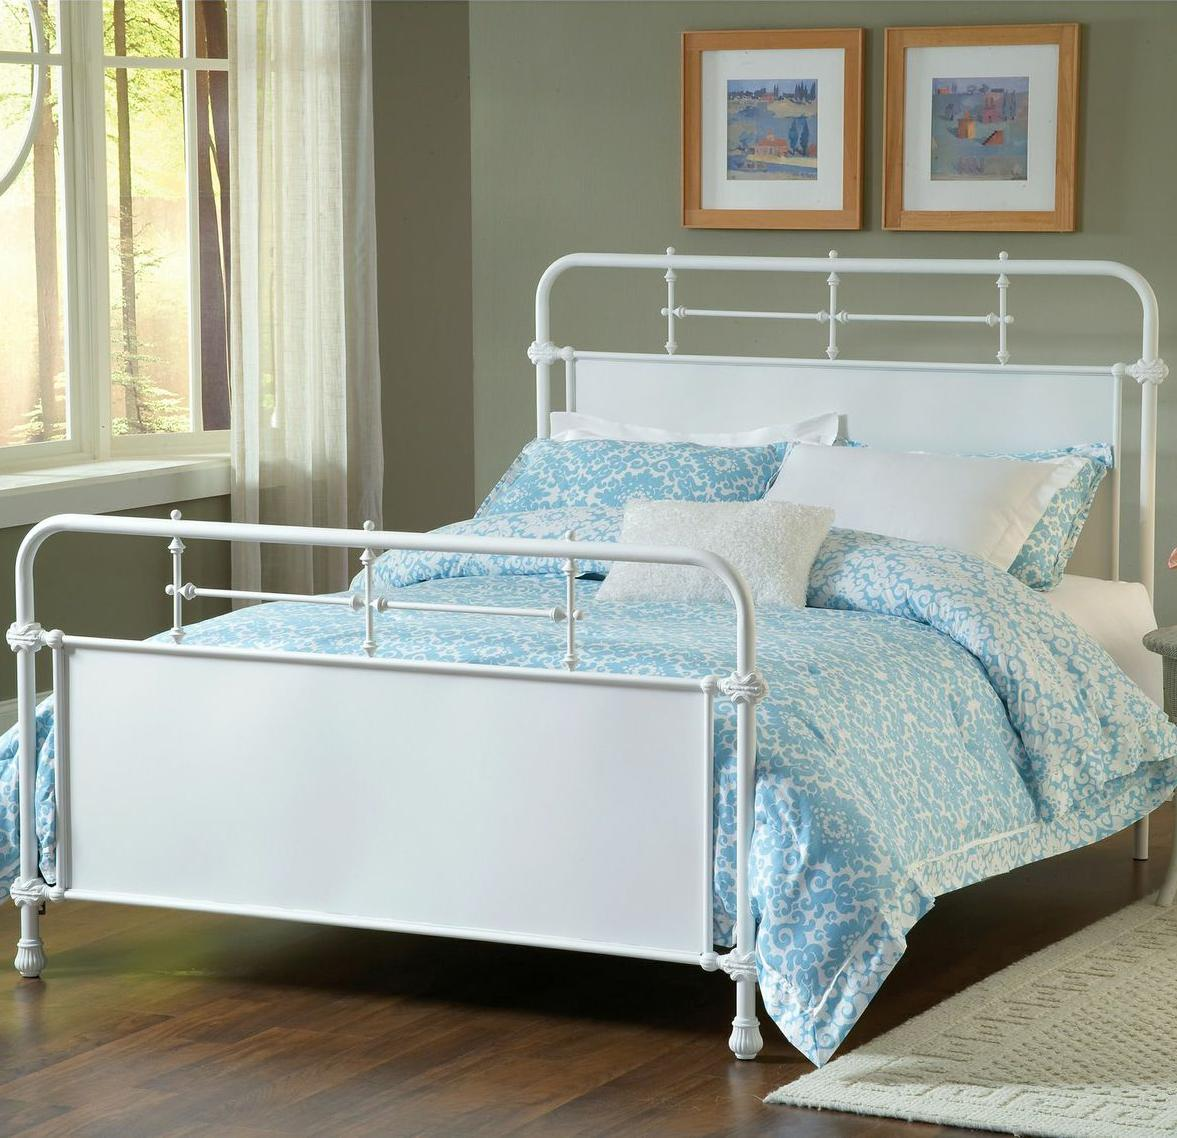 Hillsdale Metal Beds Queen Kensington Bed - Item Number: 1708BQR